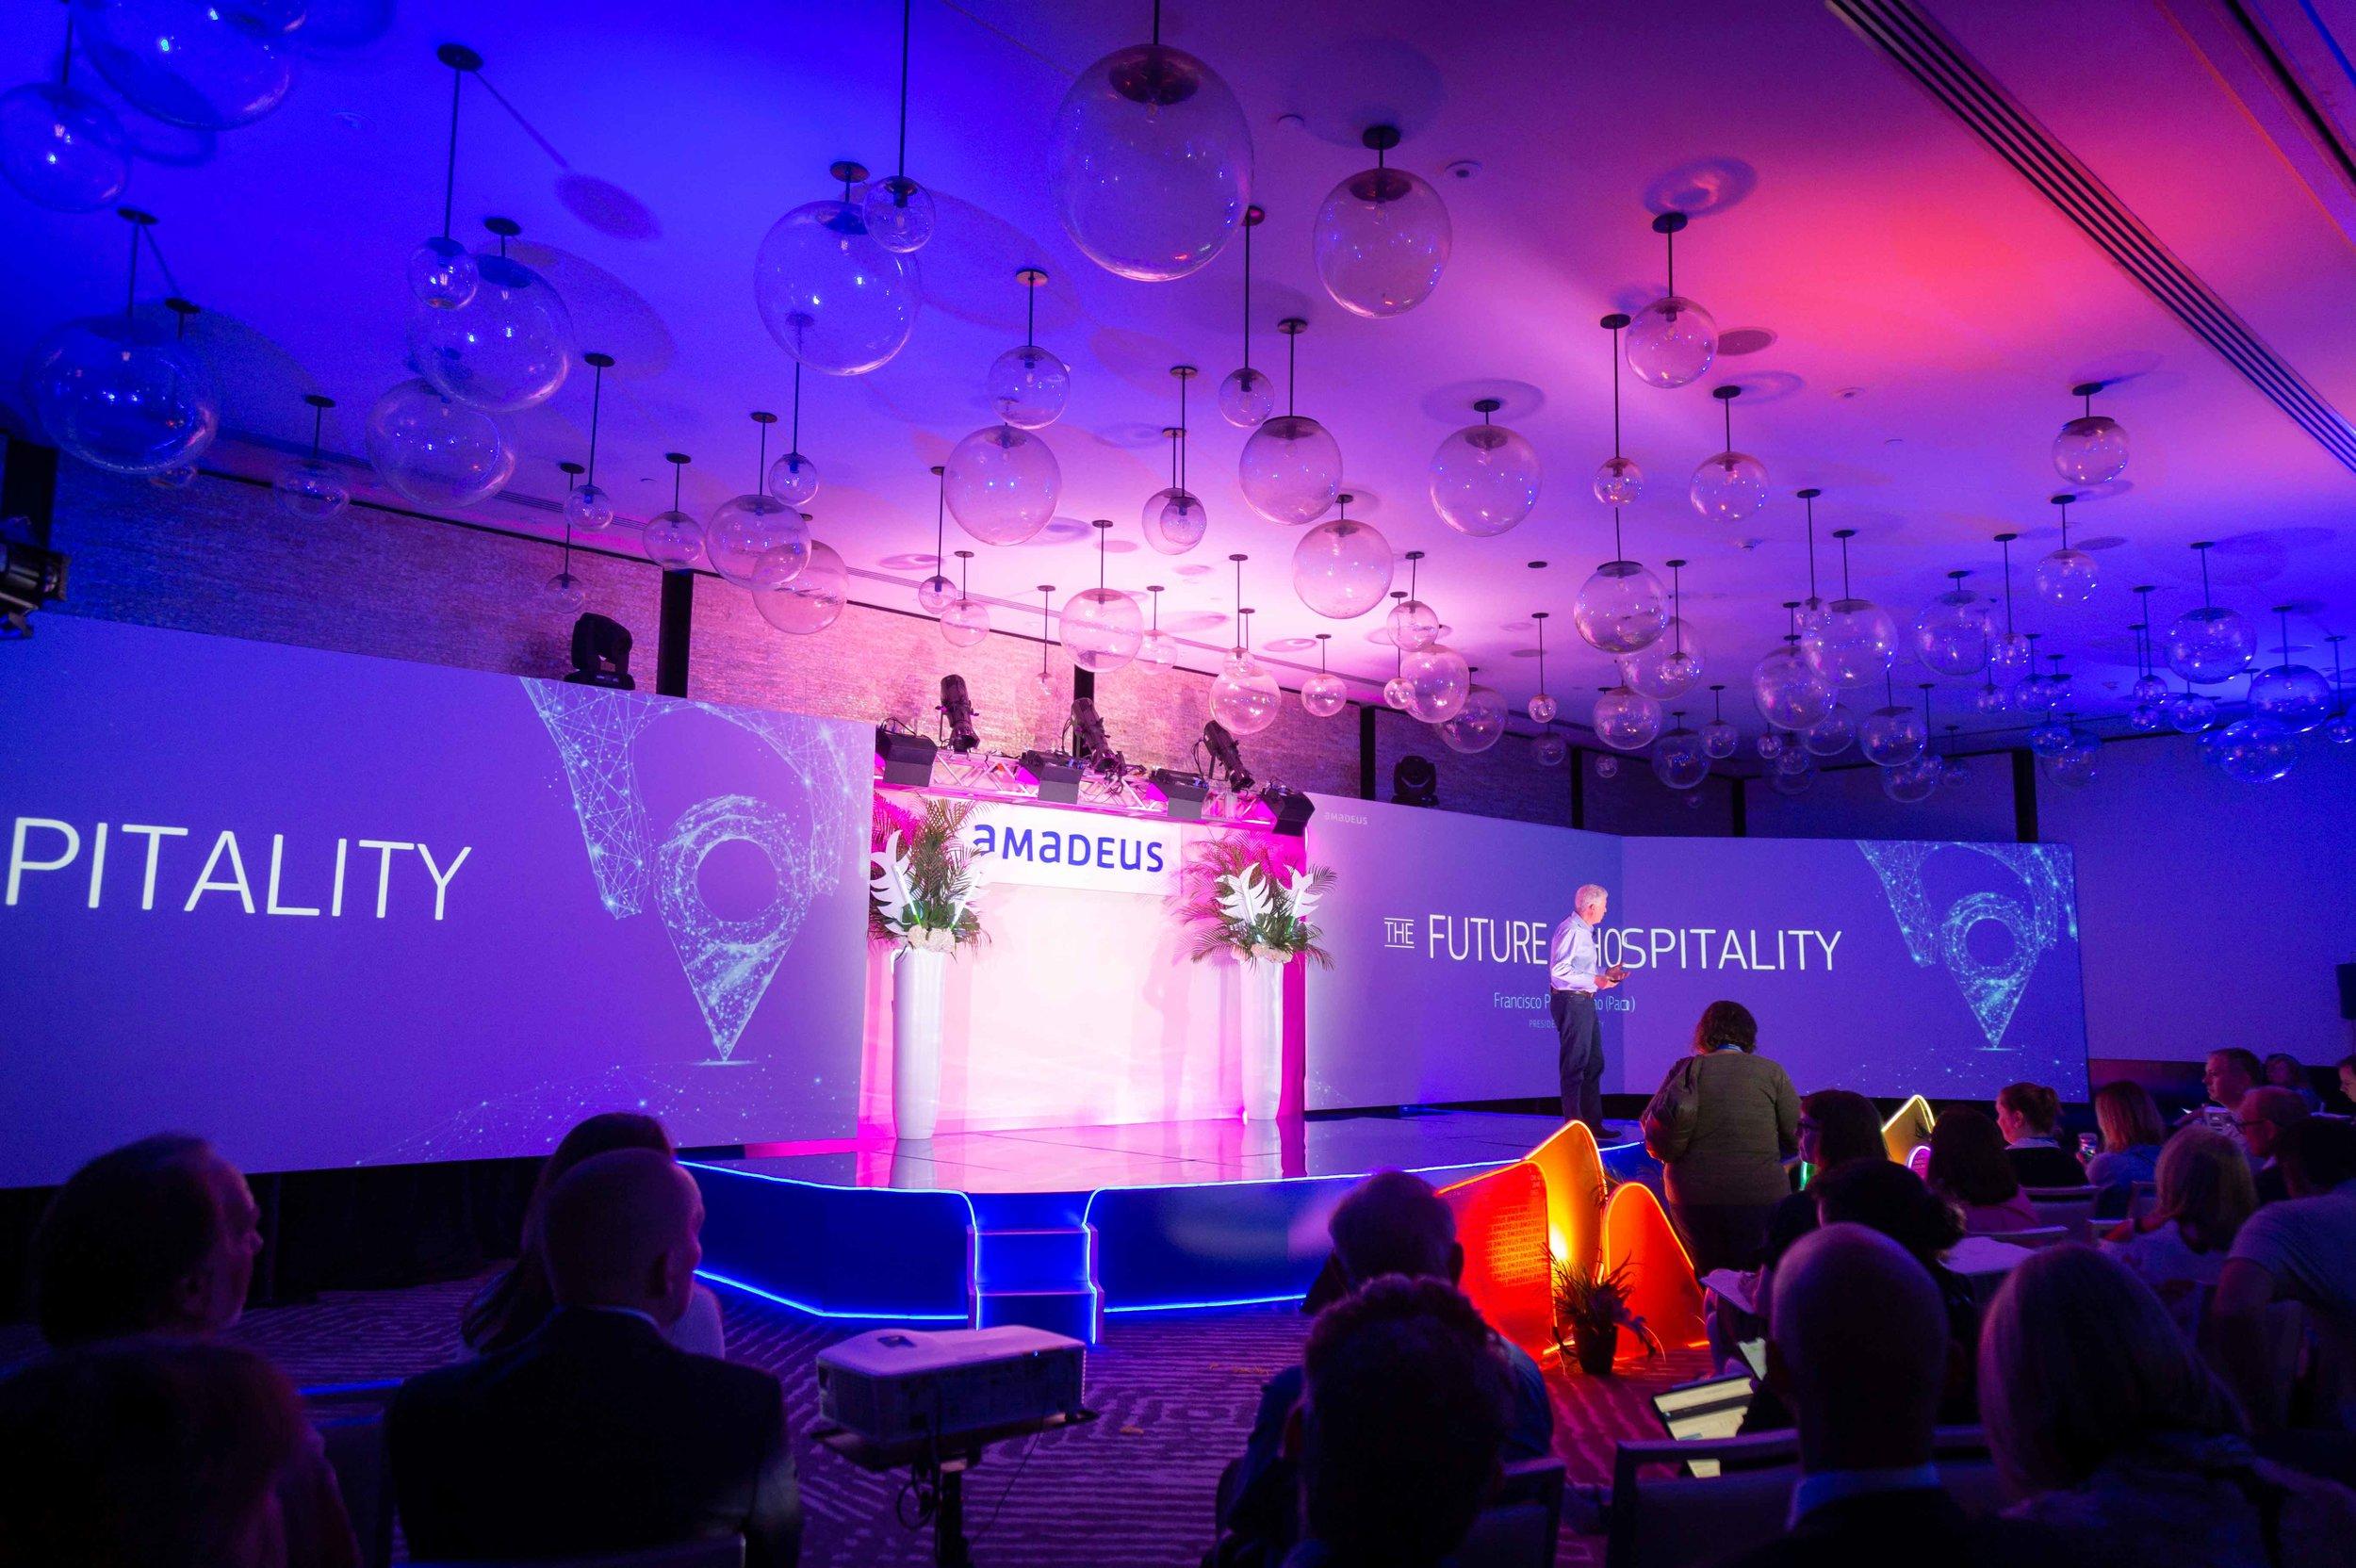 113-malloy-events-miami-conference-by-brianadamsphoto.com.jpg